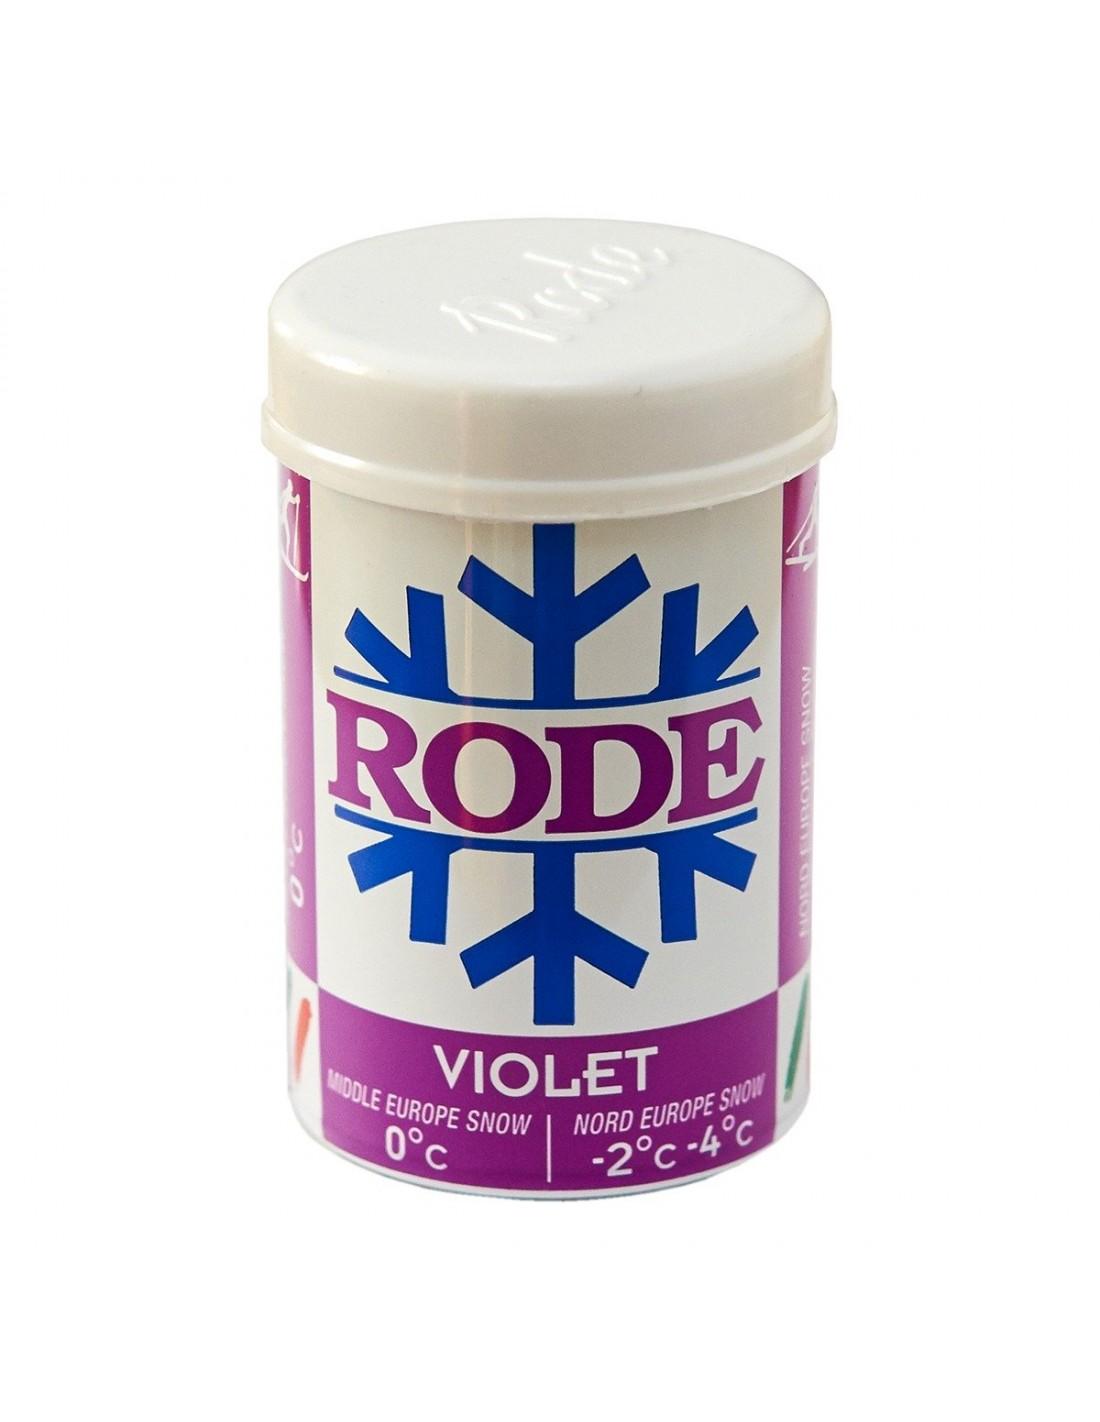 Festesmøring Rode Festevoks Violett -2/-4 RSP40 129 kr